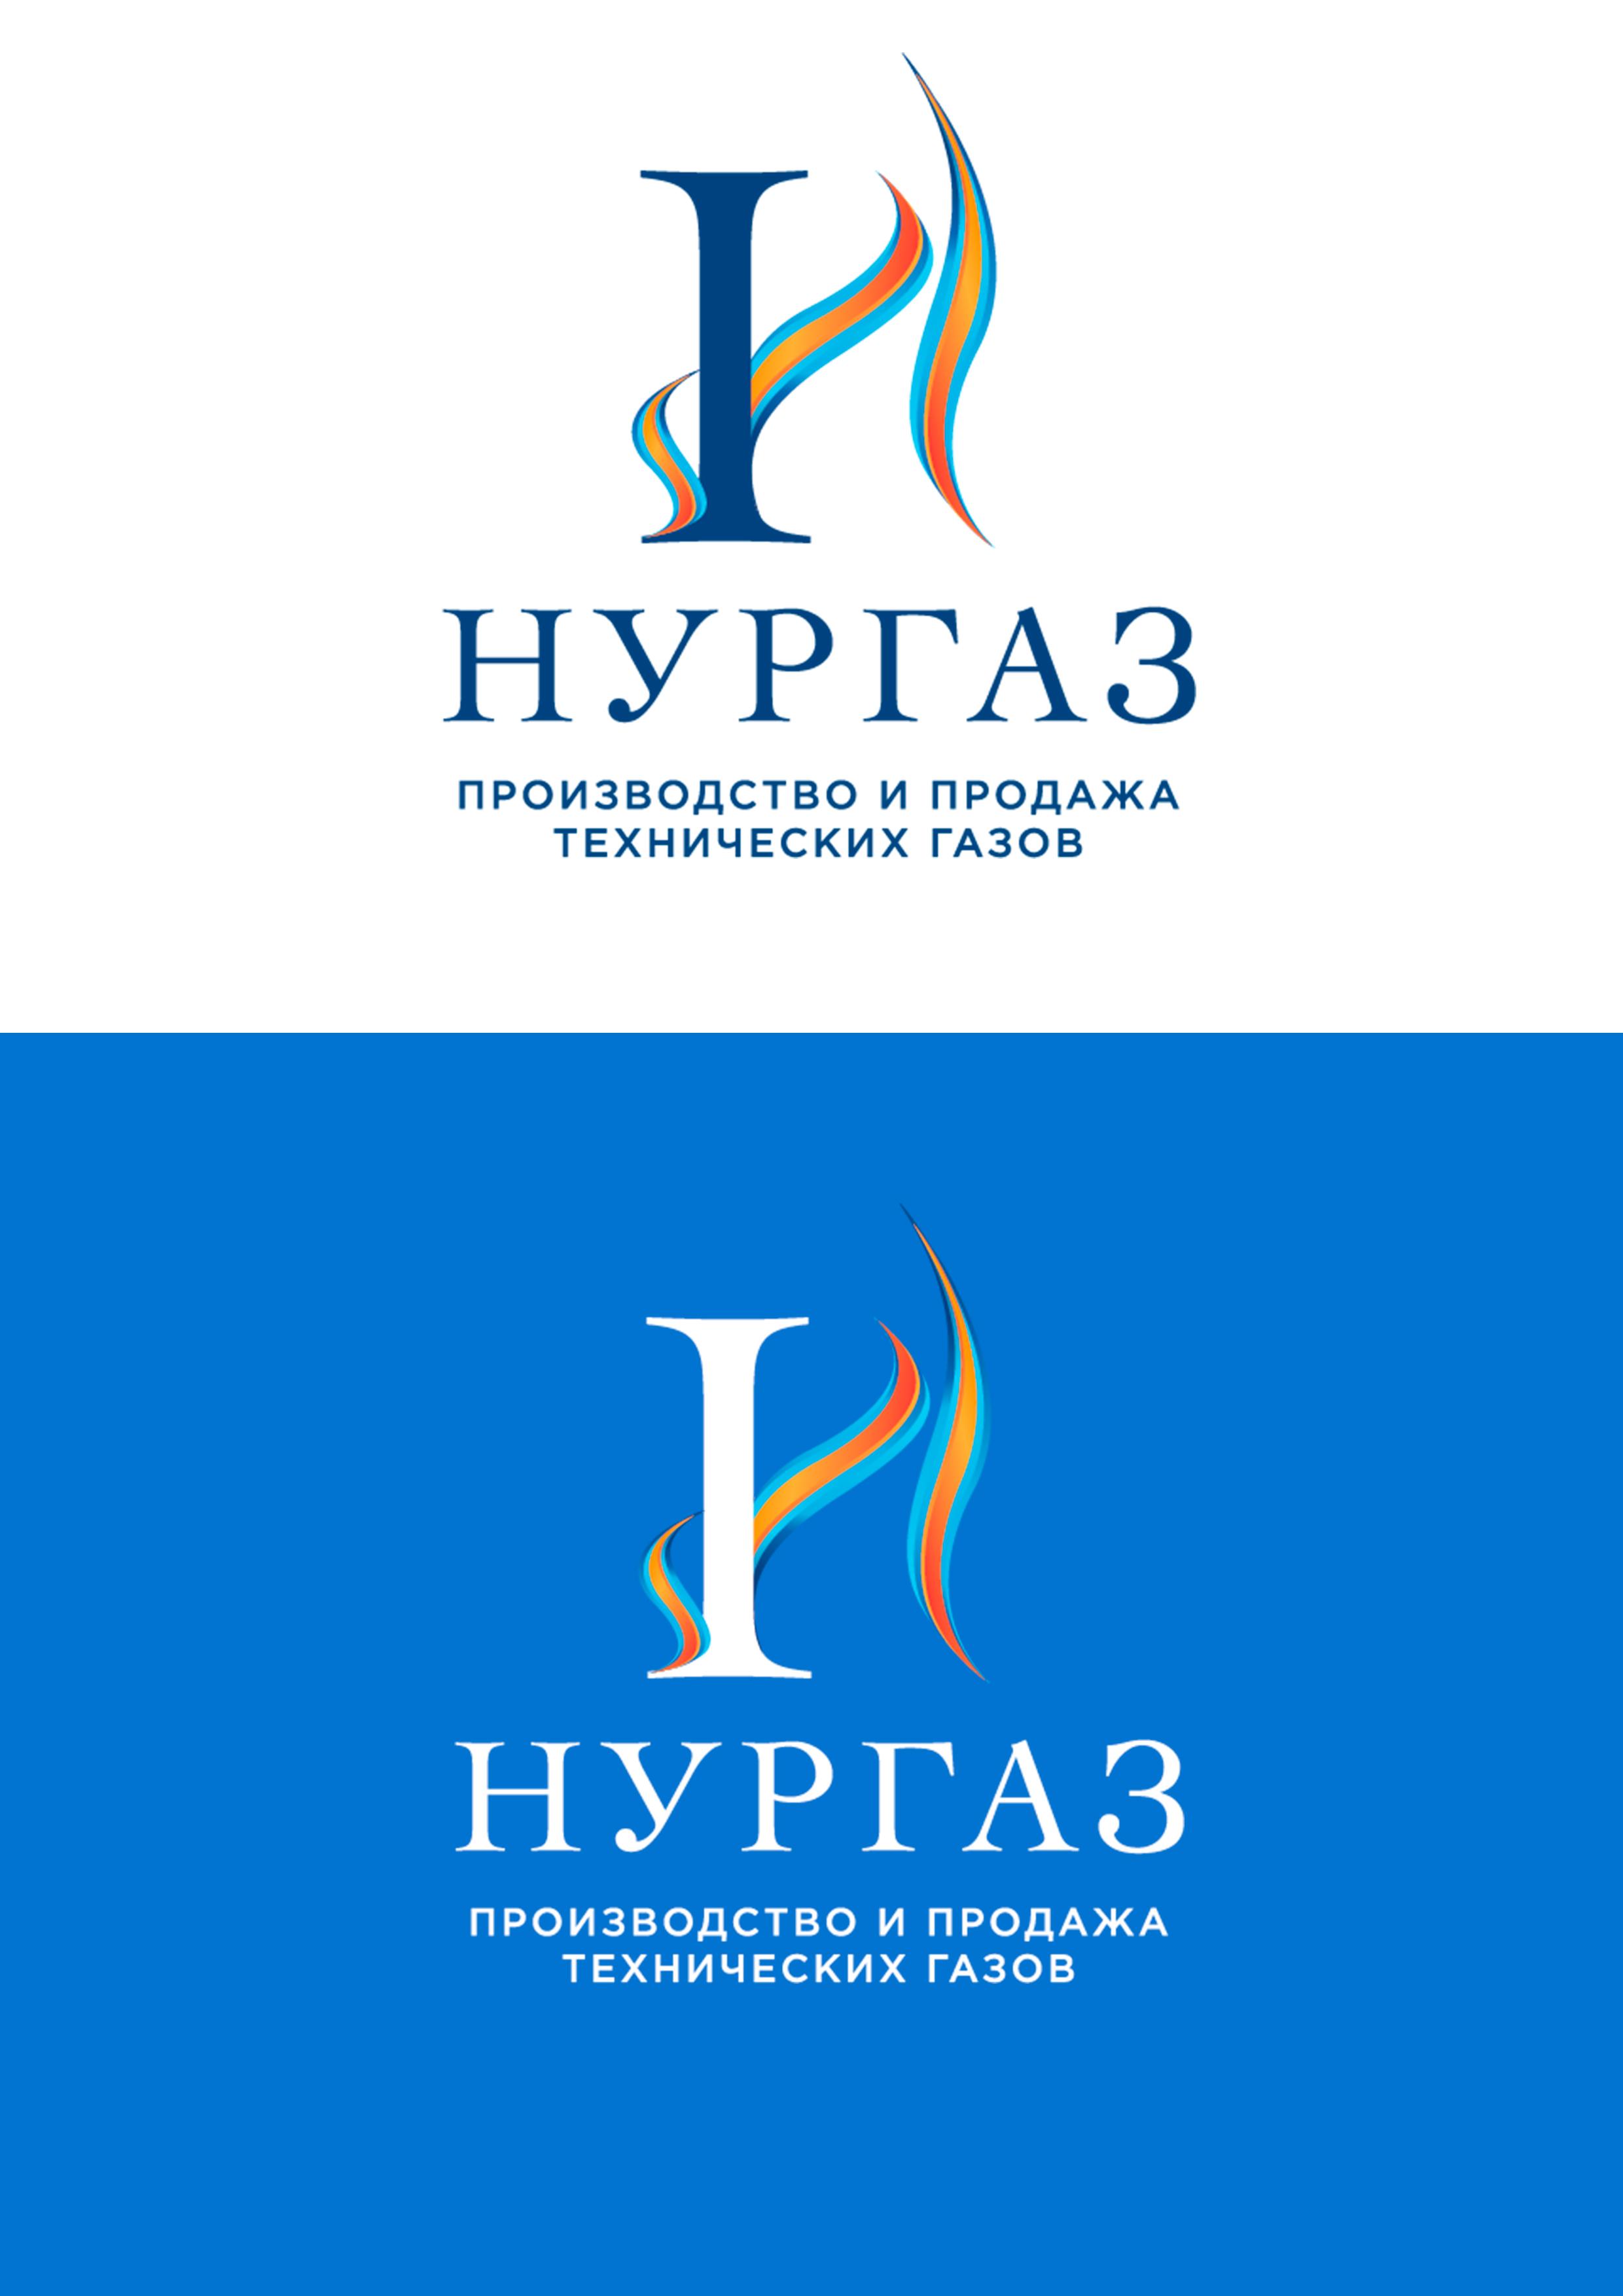 Разработка логотипа и фирменного стиля фото f_6315d9b403b3be4a.jpg